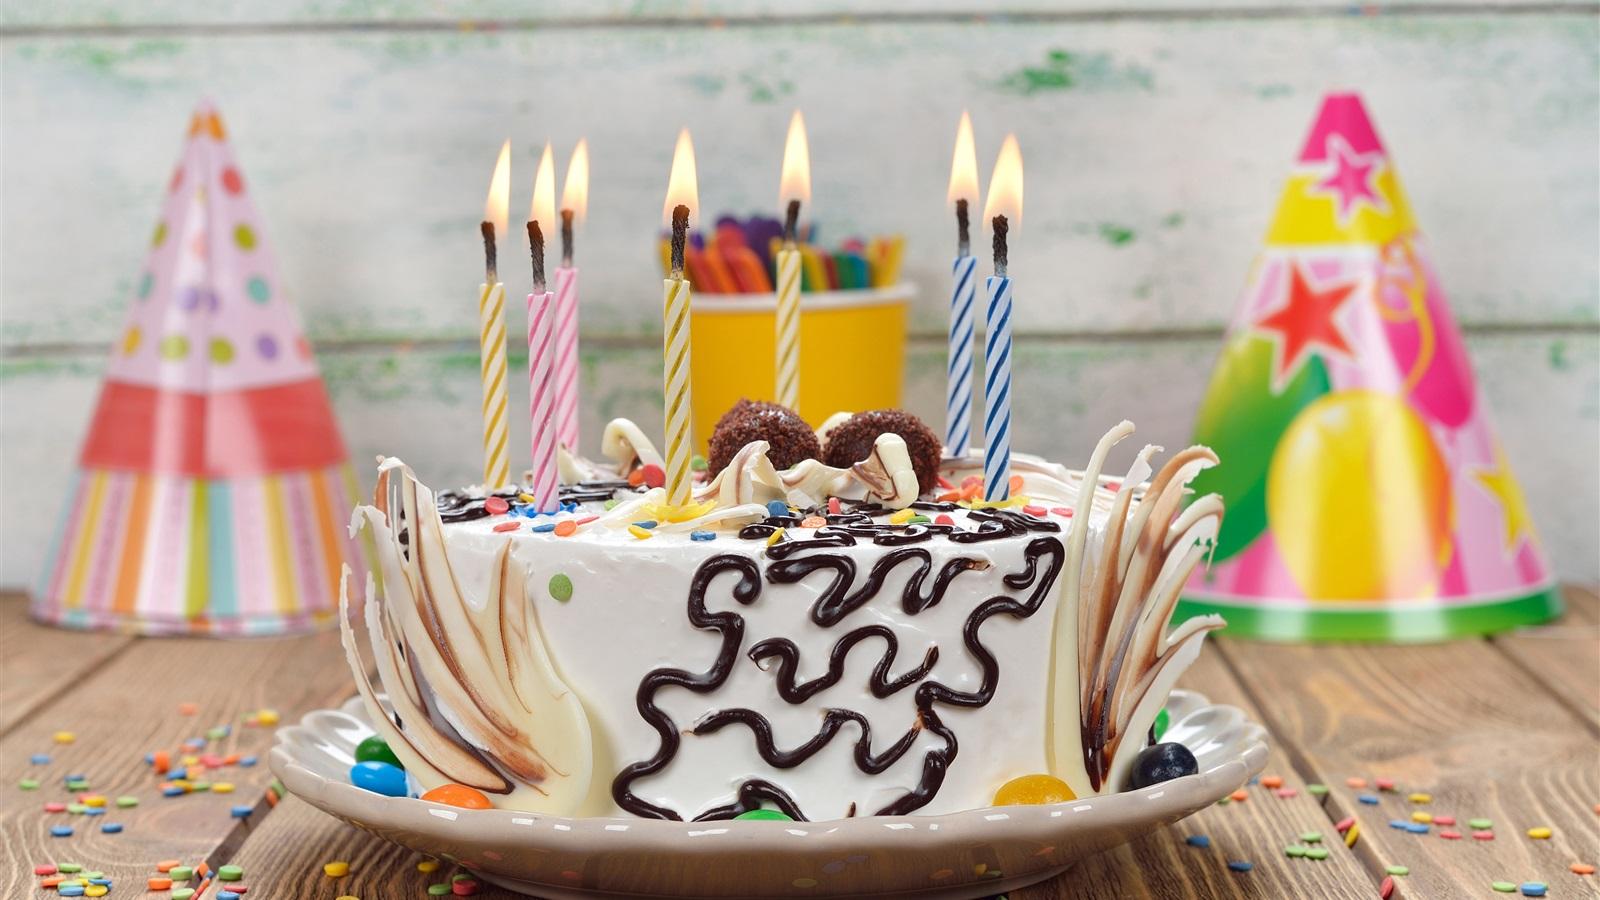 壁纸 生日快乐,蛋糕,蜡烛 3840x2160 Uhd 4k 高清壁纸 图片 照片